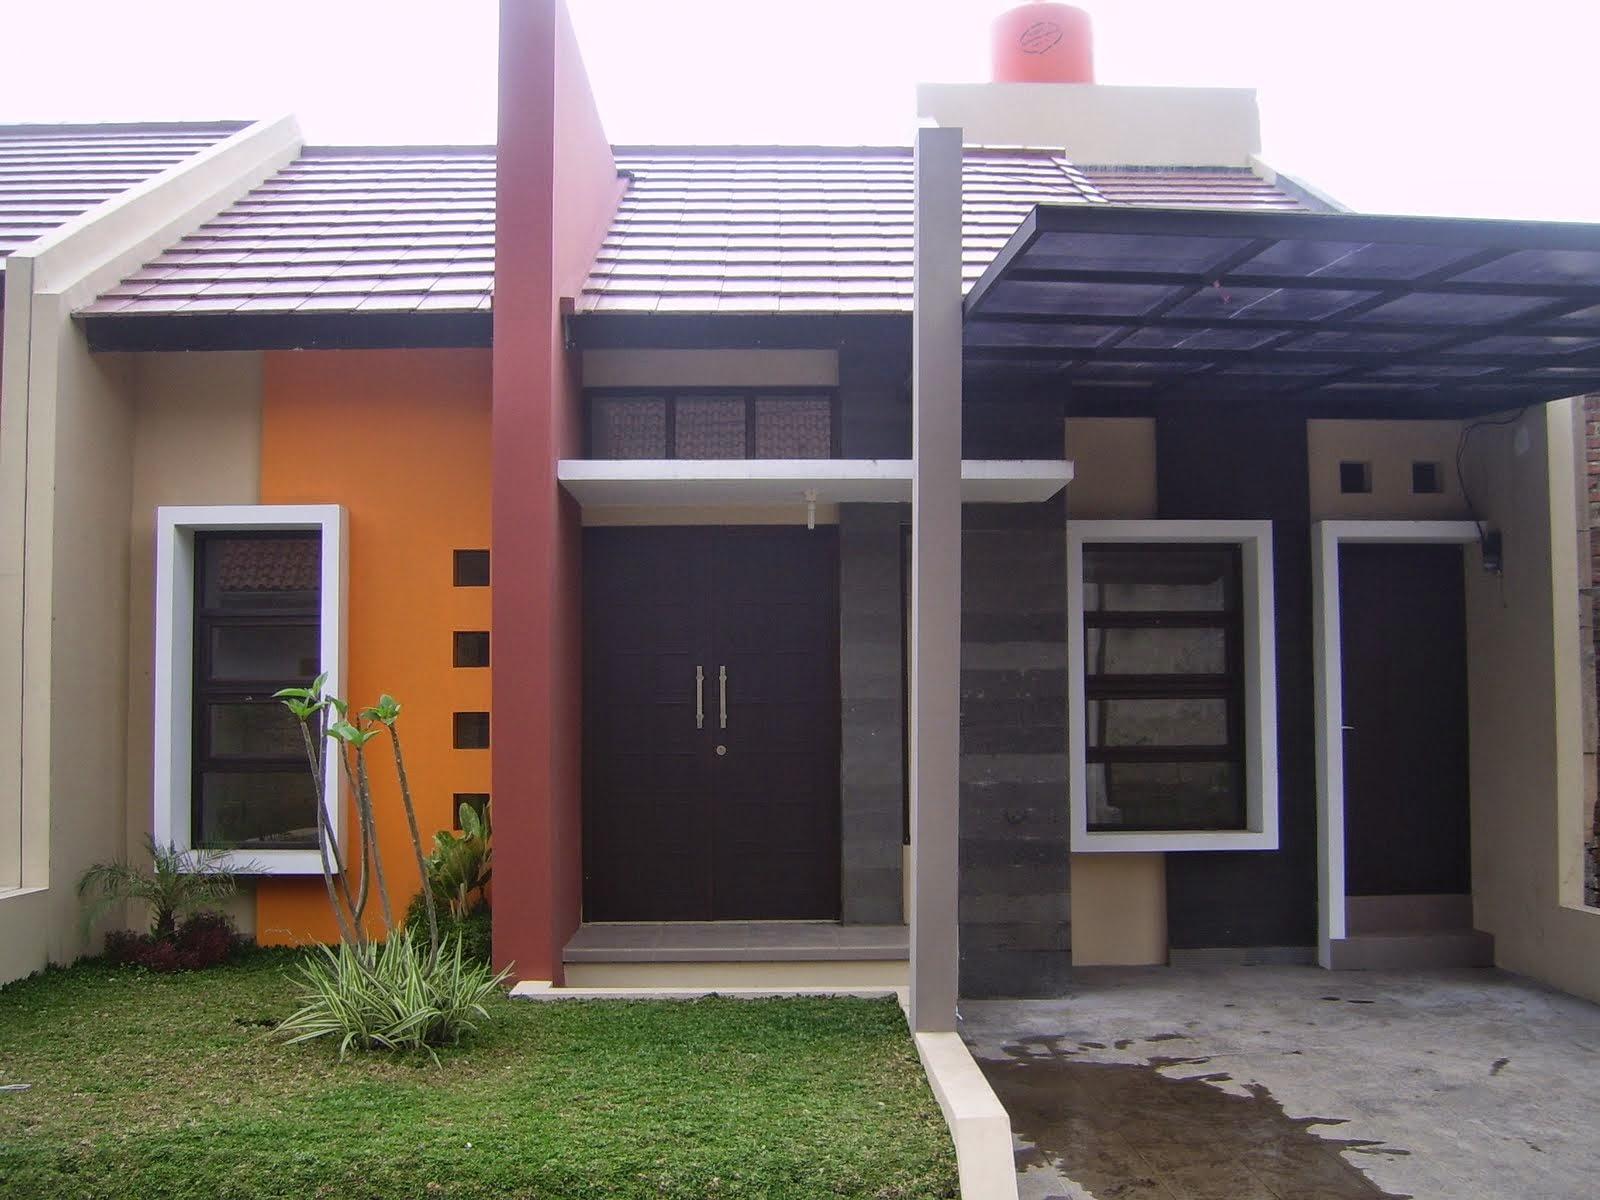 43 Contoh Cat Rumah Minimalis Warna Orange Yang Nampak Modern